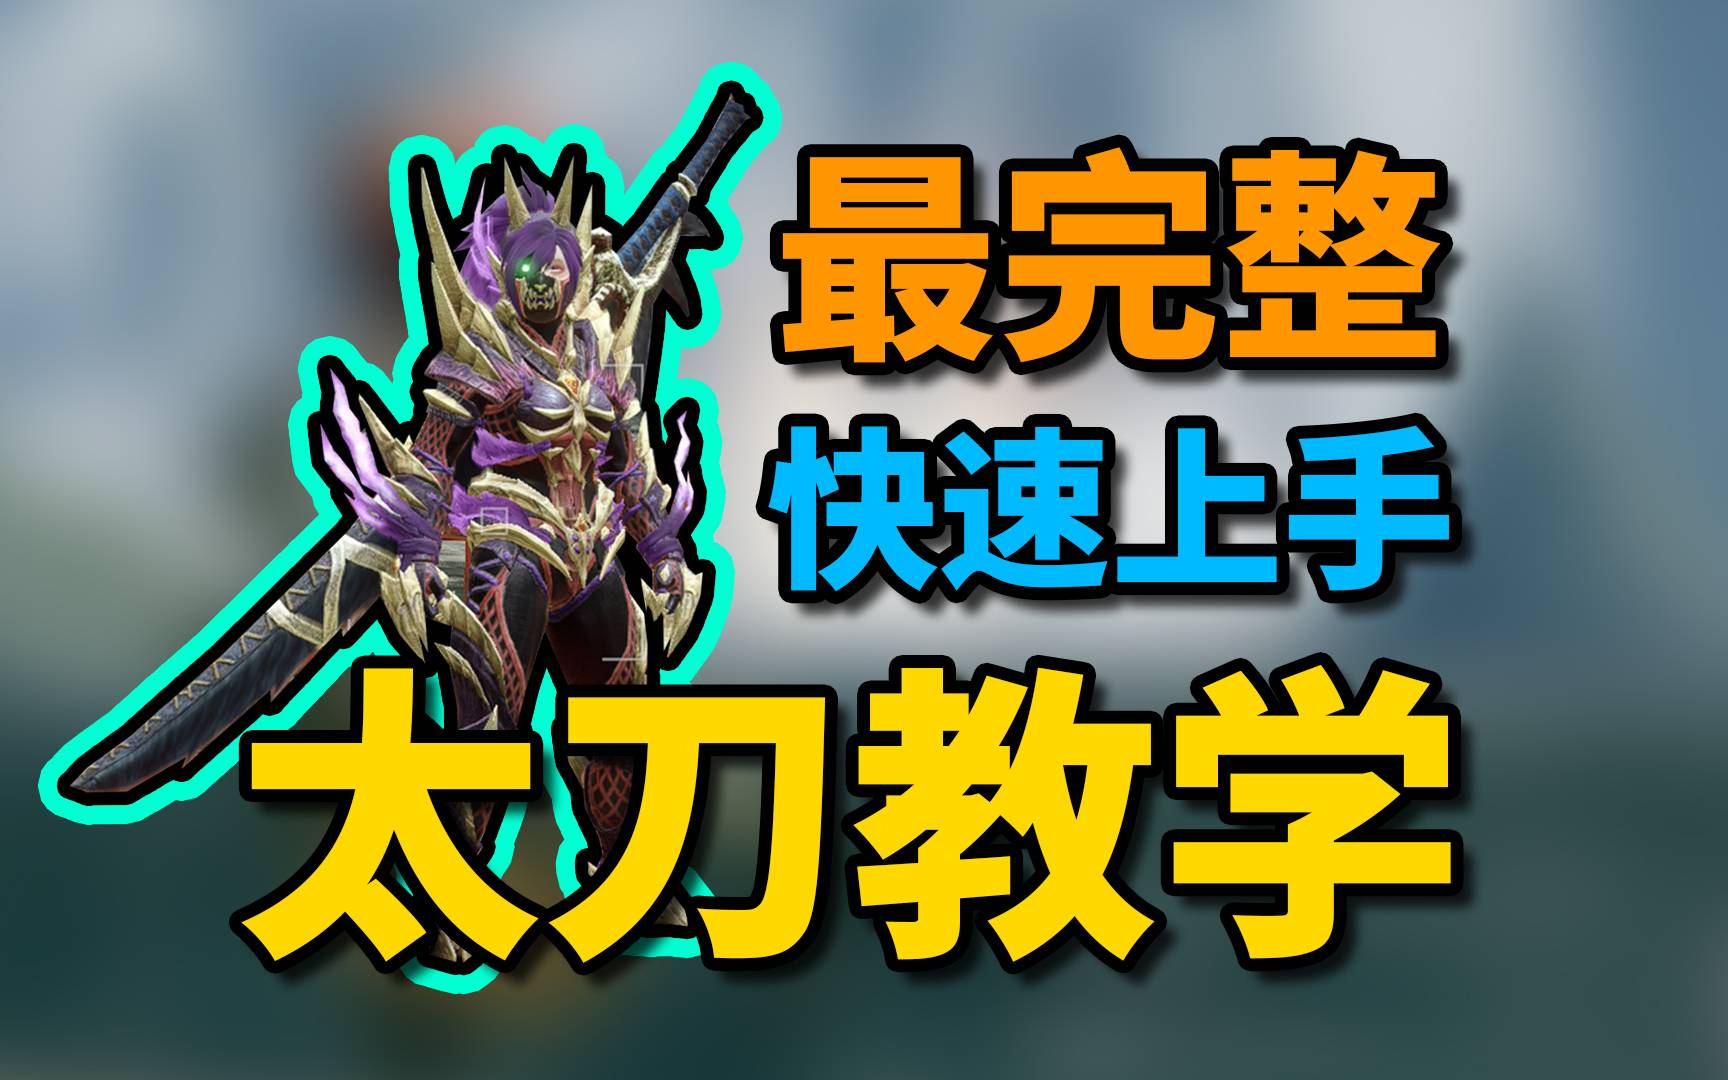 【 怪物猎人崛起】最详细的太刀教学!